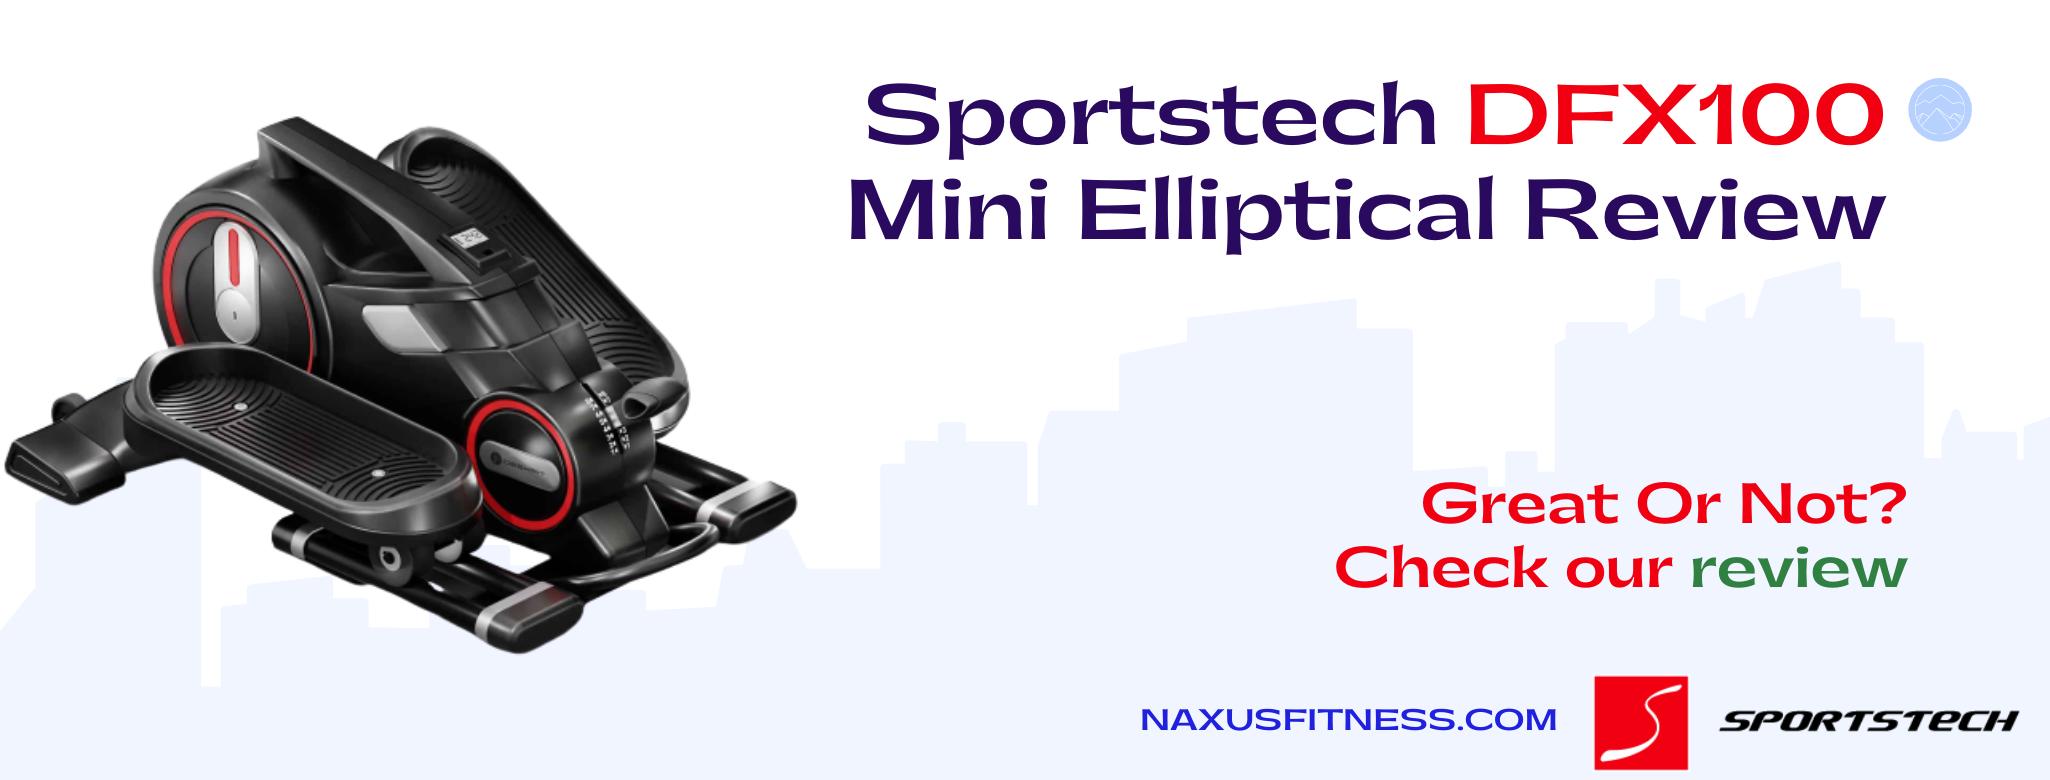 Sportstech DFX100 Mini Elliptical Review